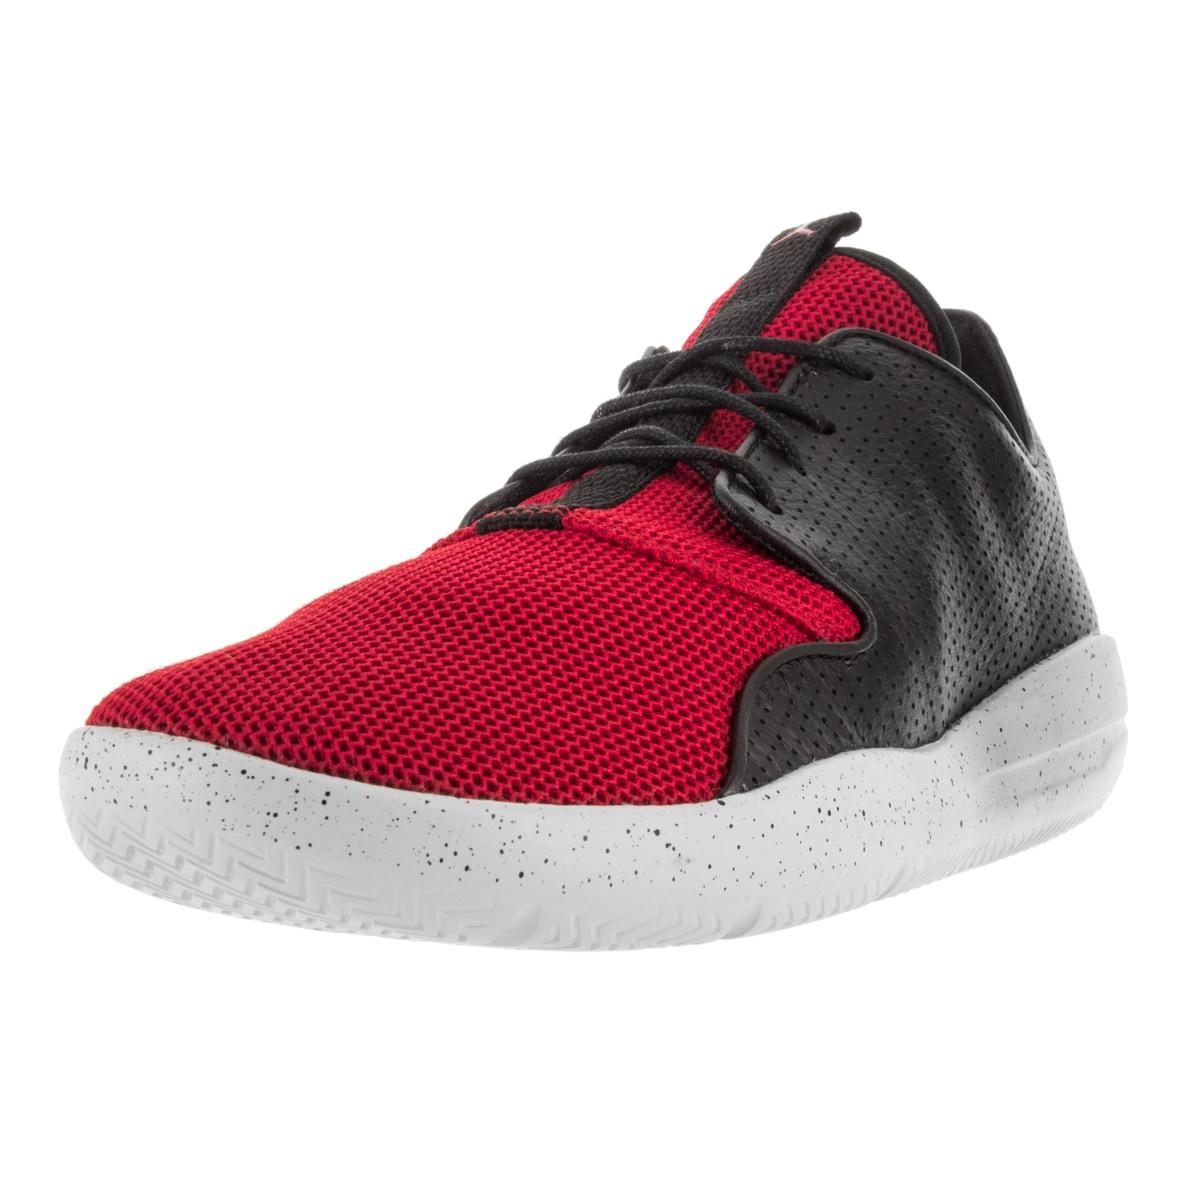 NIKE Jordan Kids Jordan Eclipse BG Running Shoe